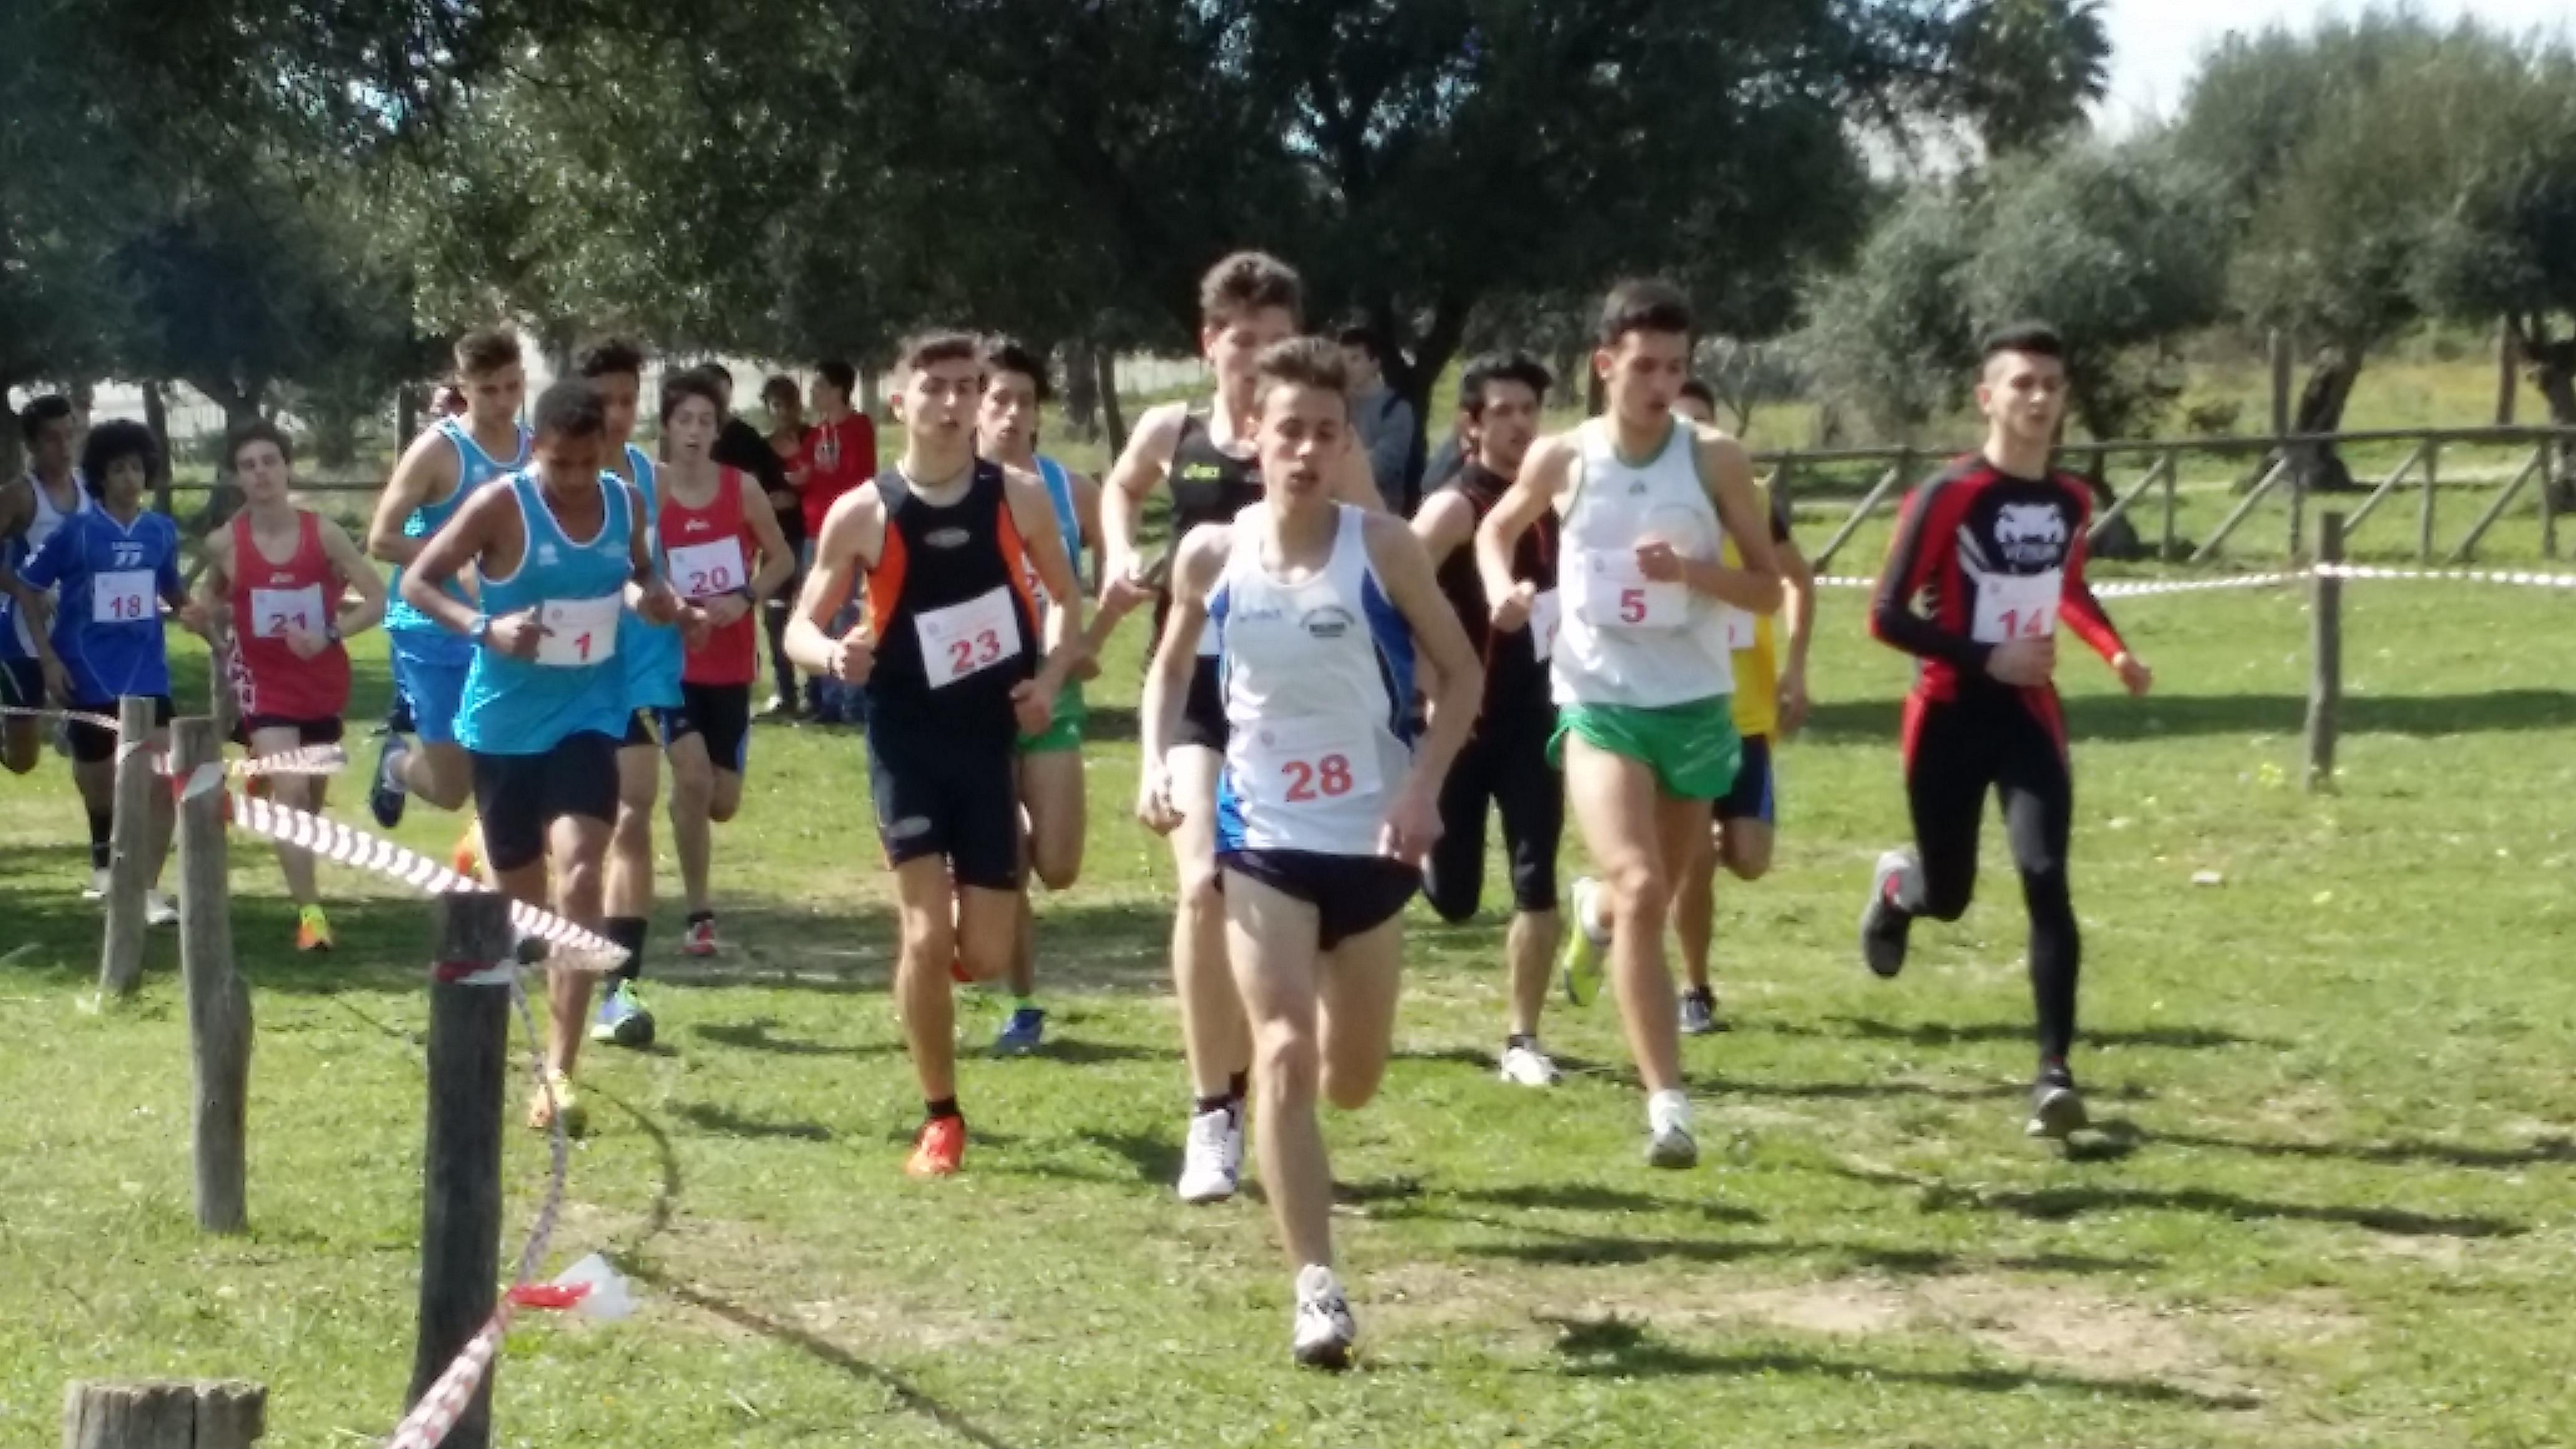 Campionati studenteschi di corsa campestre maschile2